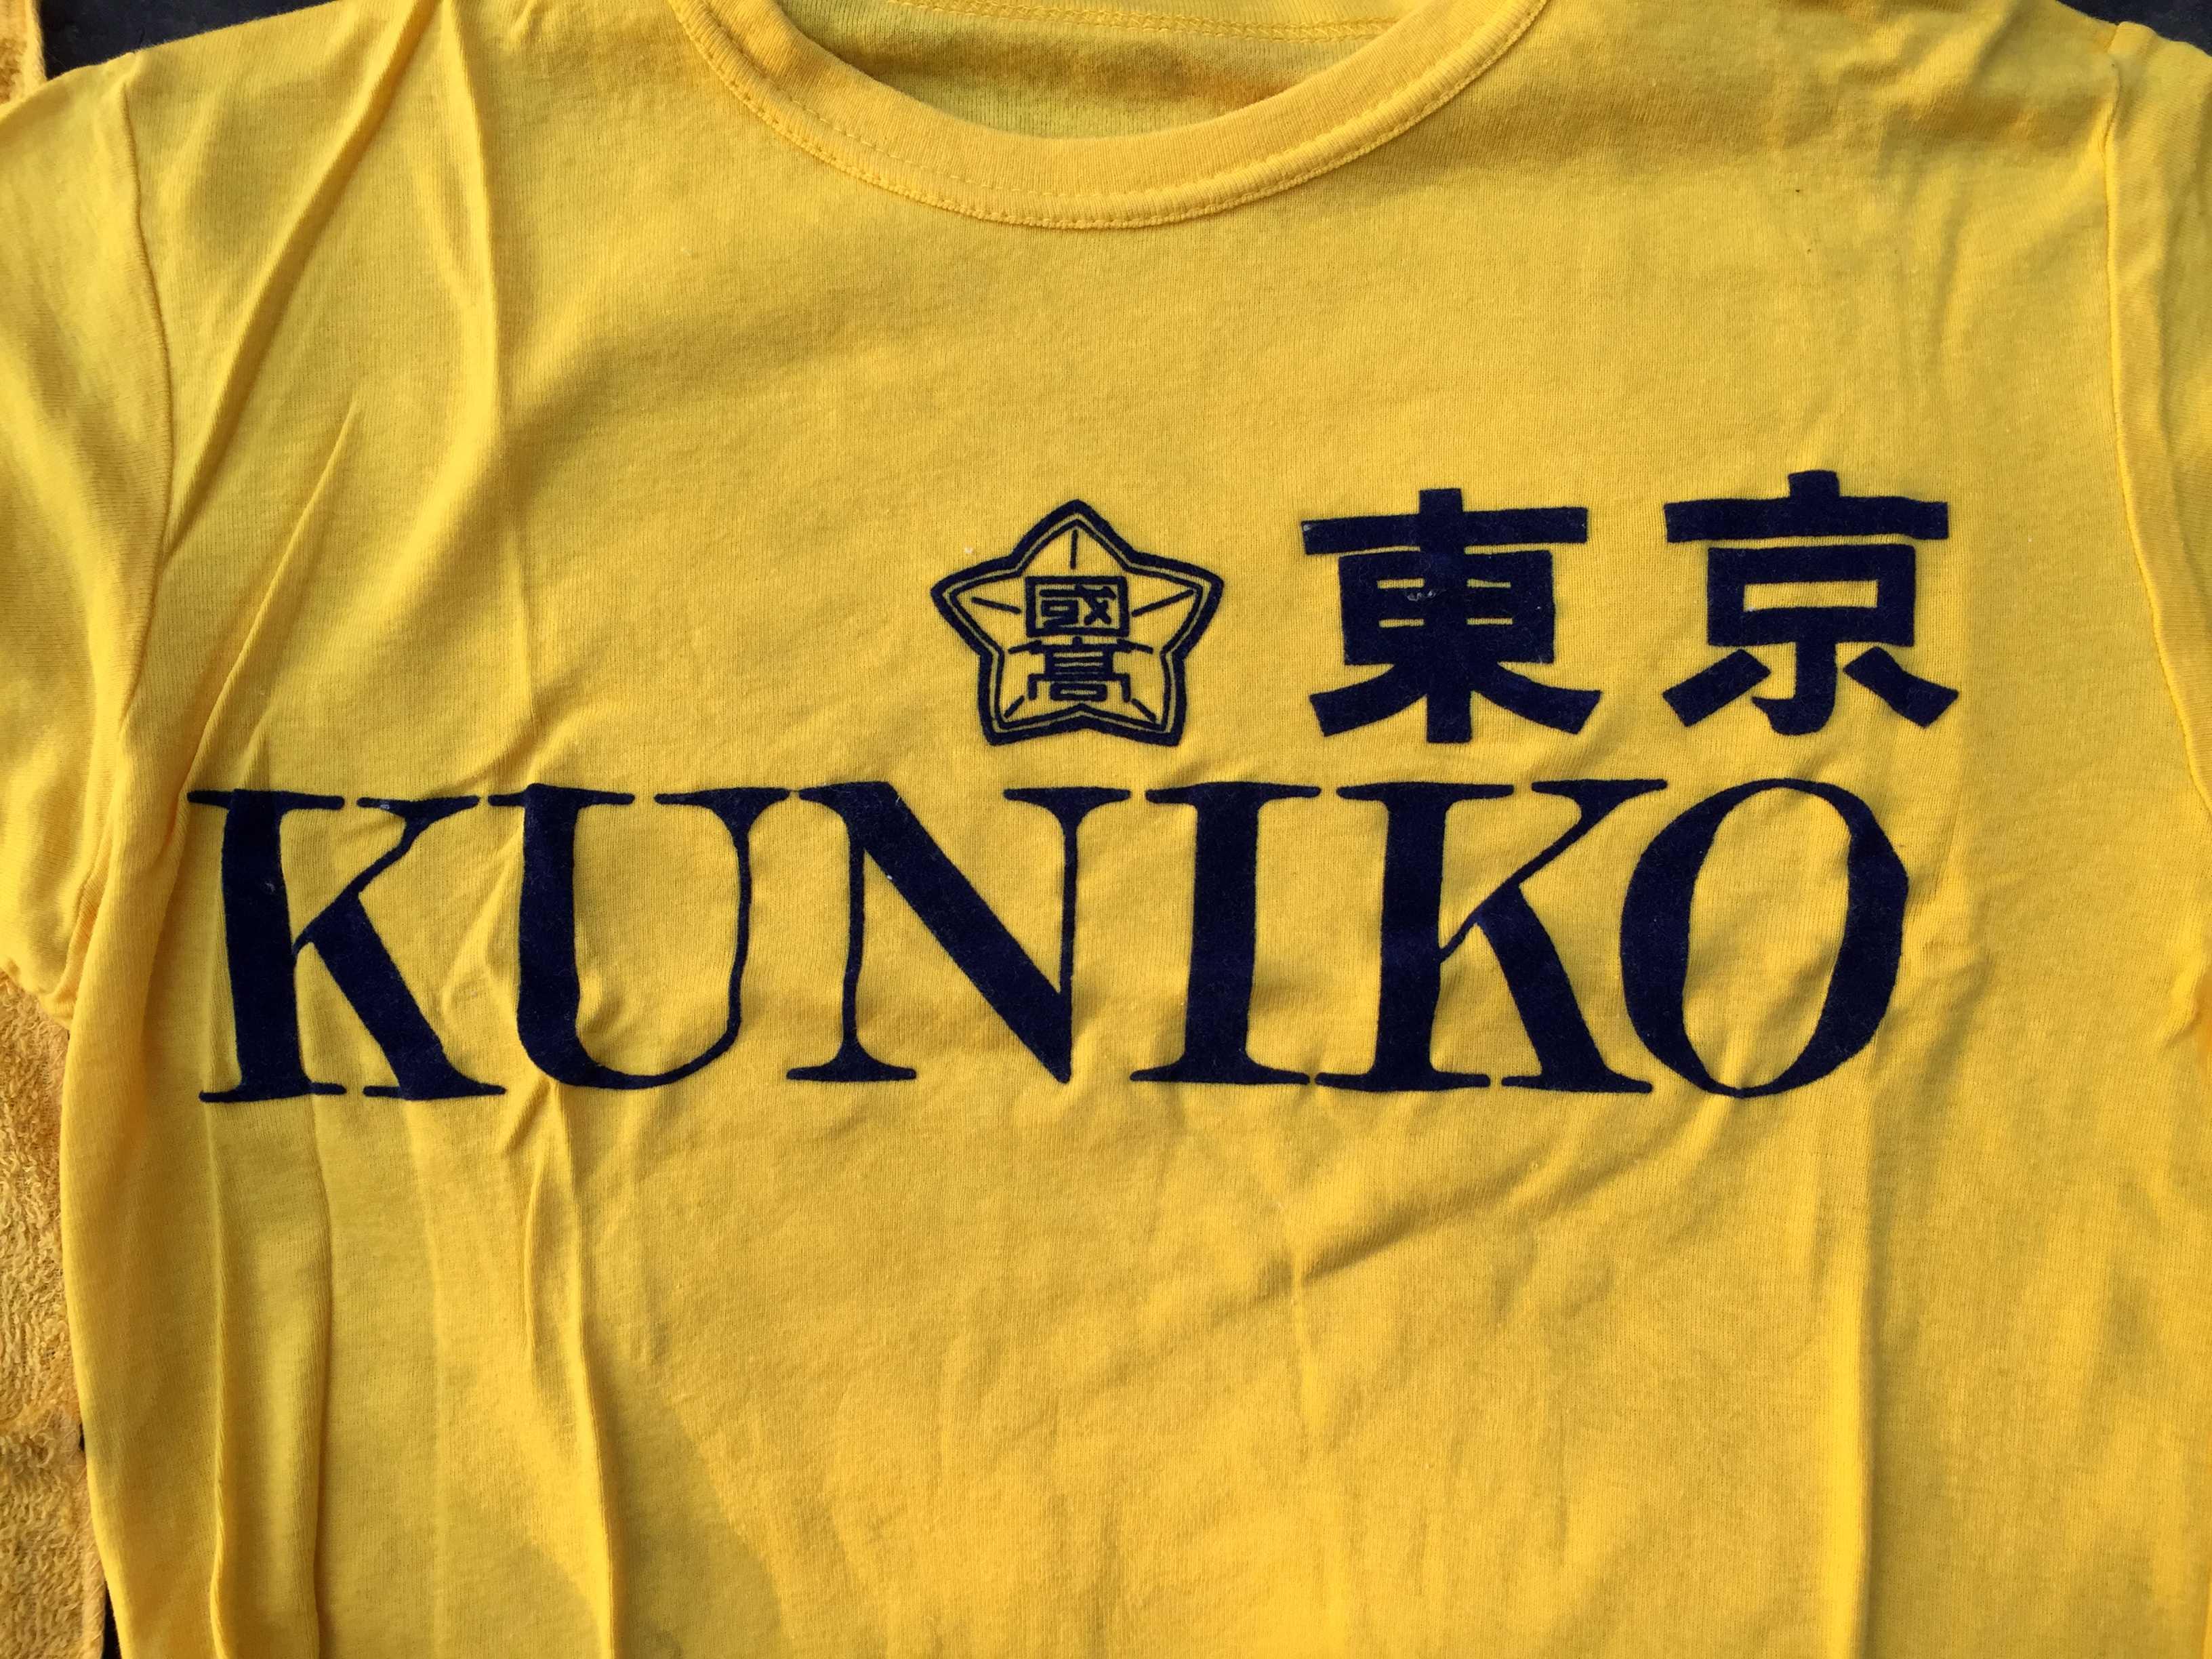 僕が着た国高(国立高校)の応援Tシャツ